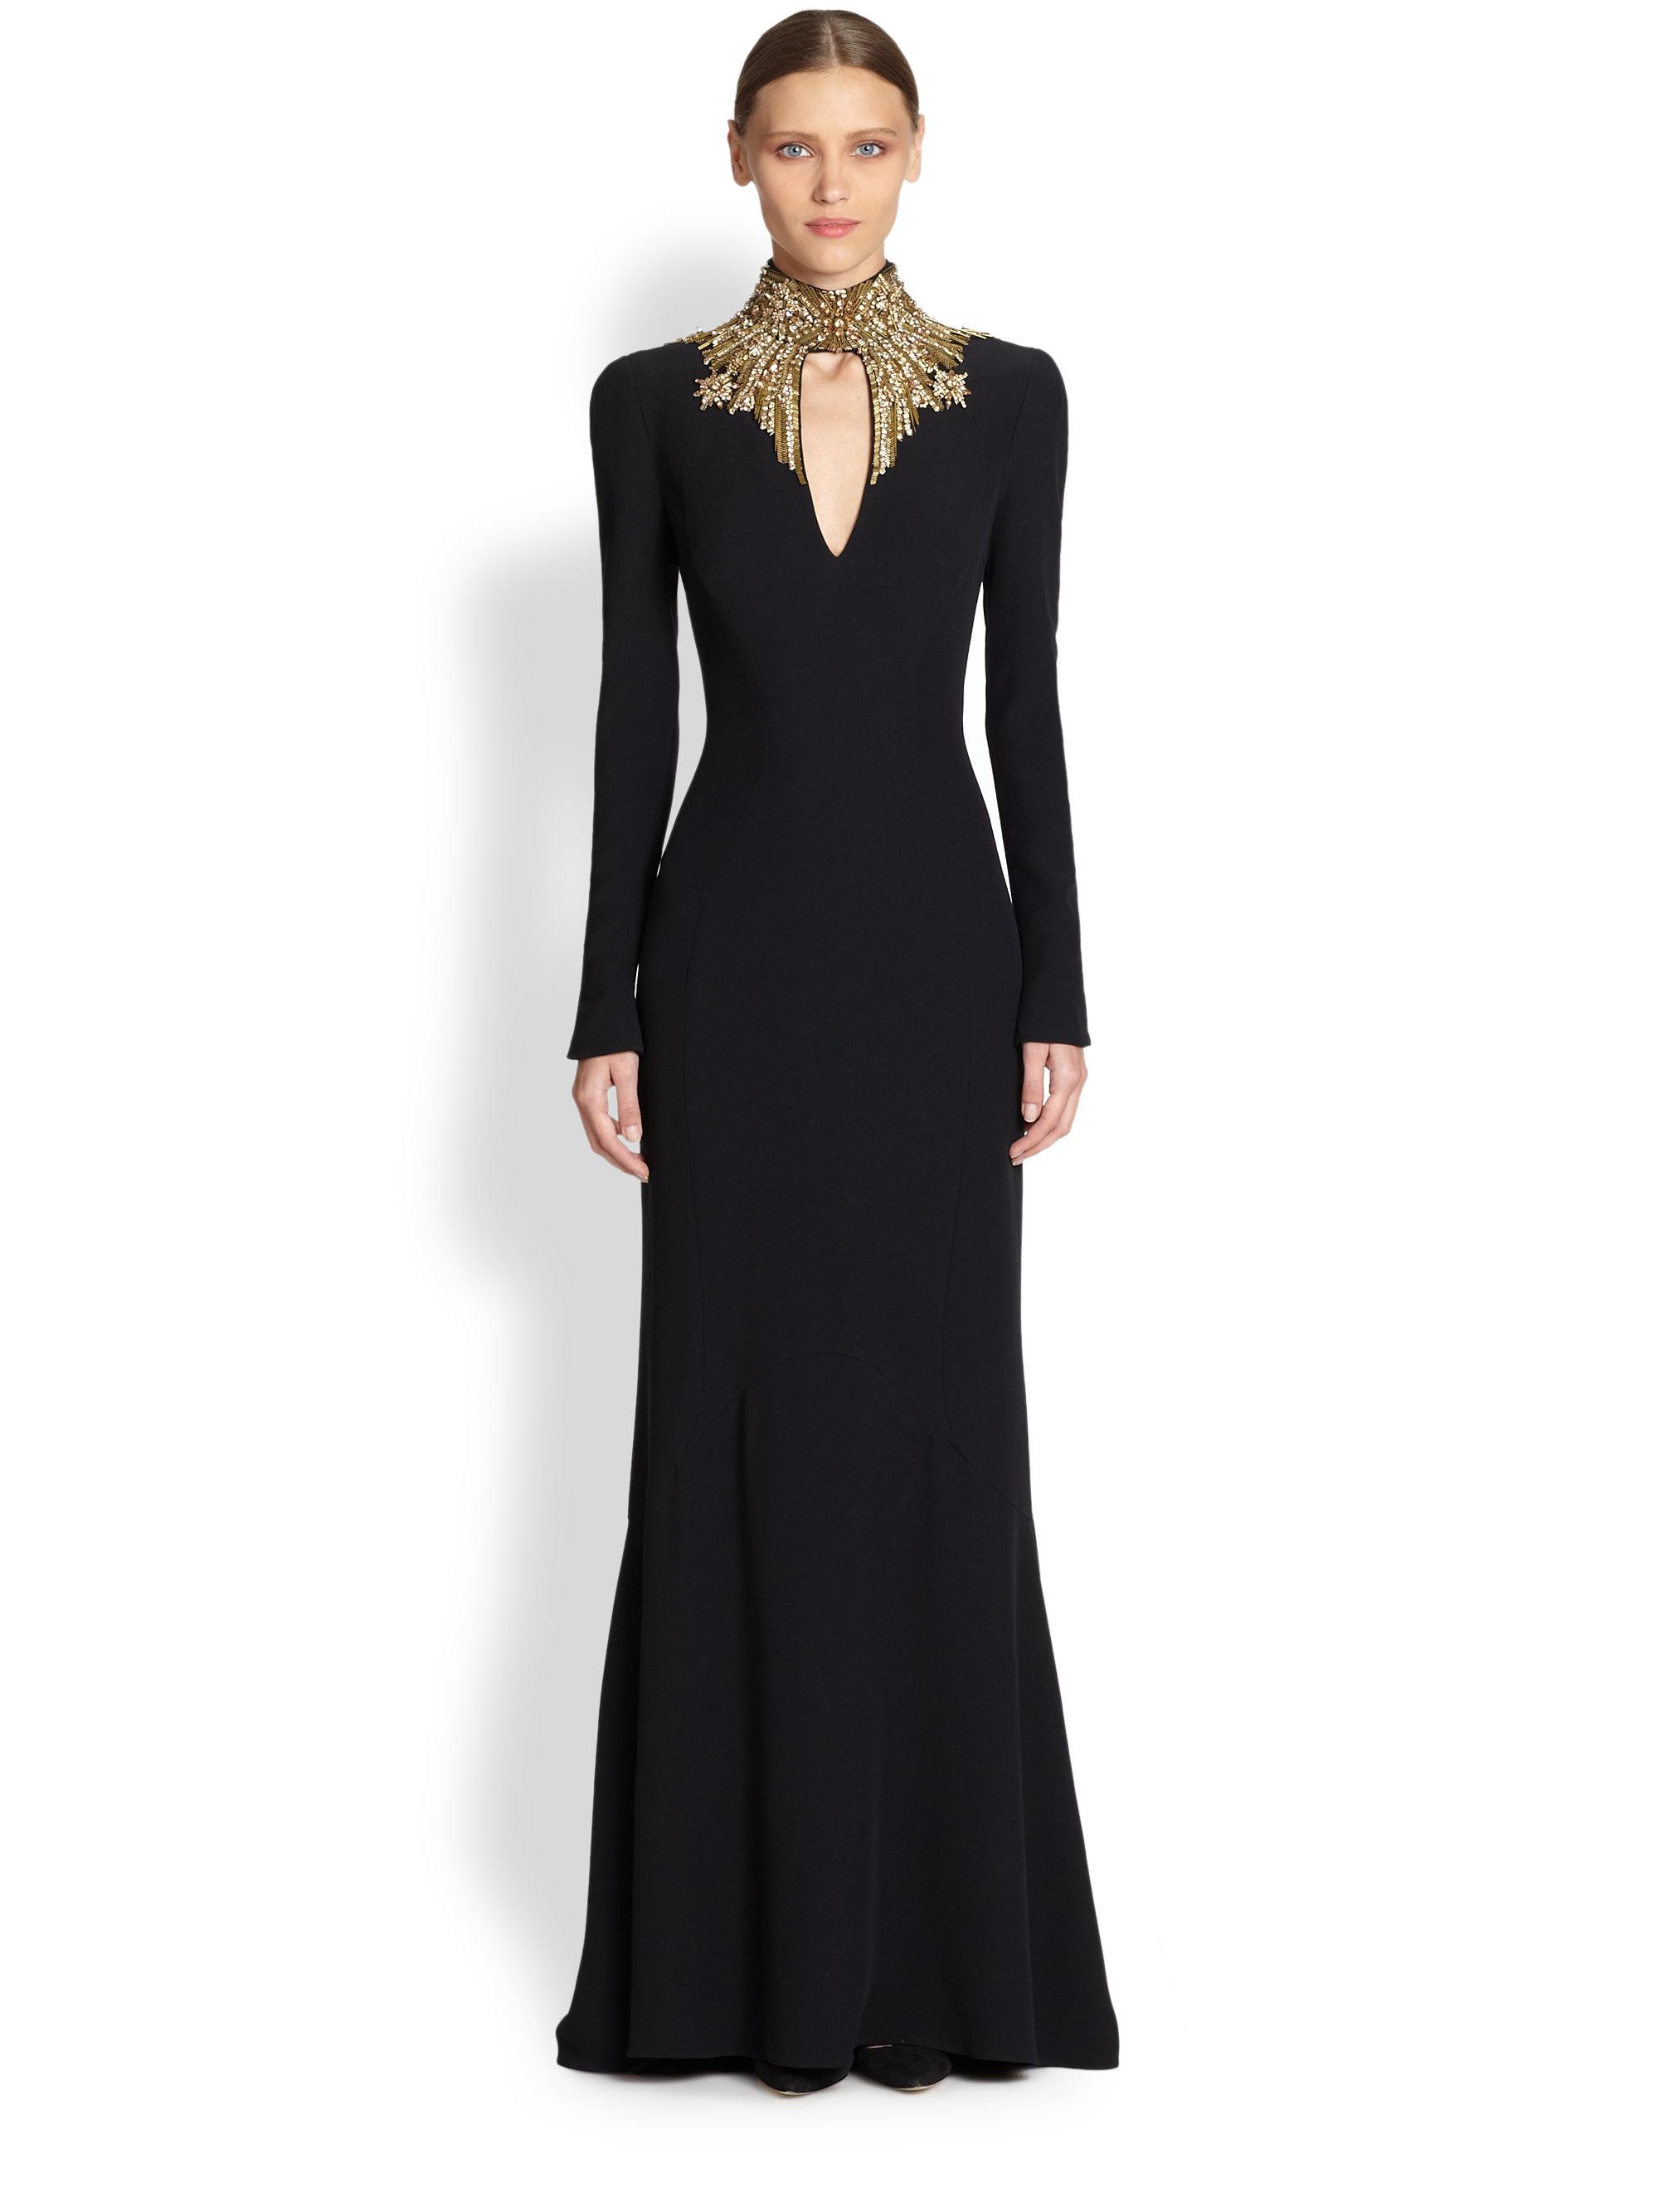 Lyst - Alexander Mcqueen Crepe Jewelneck Gown in Black